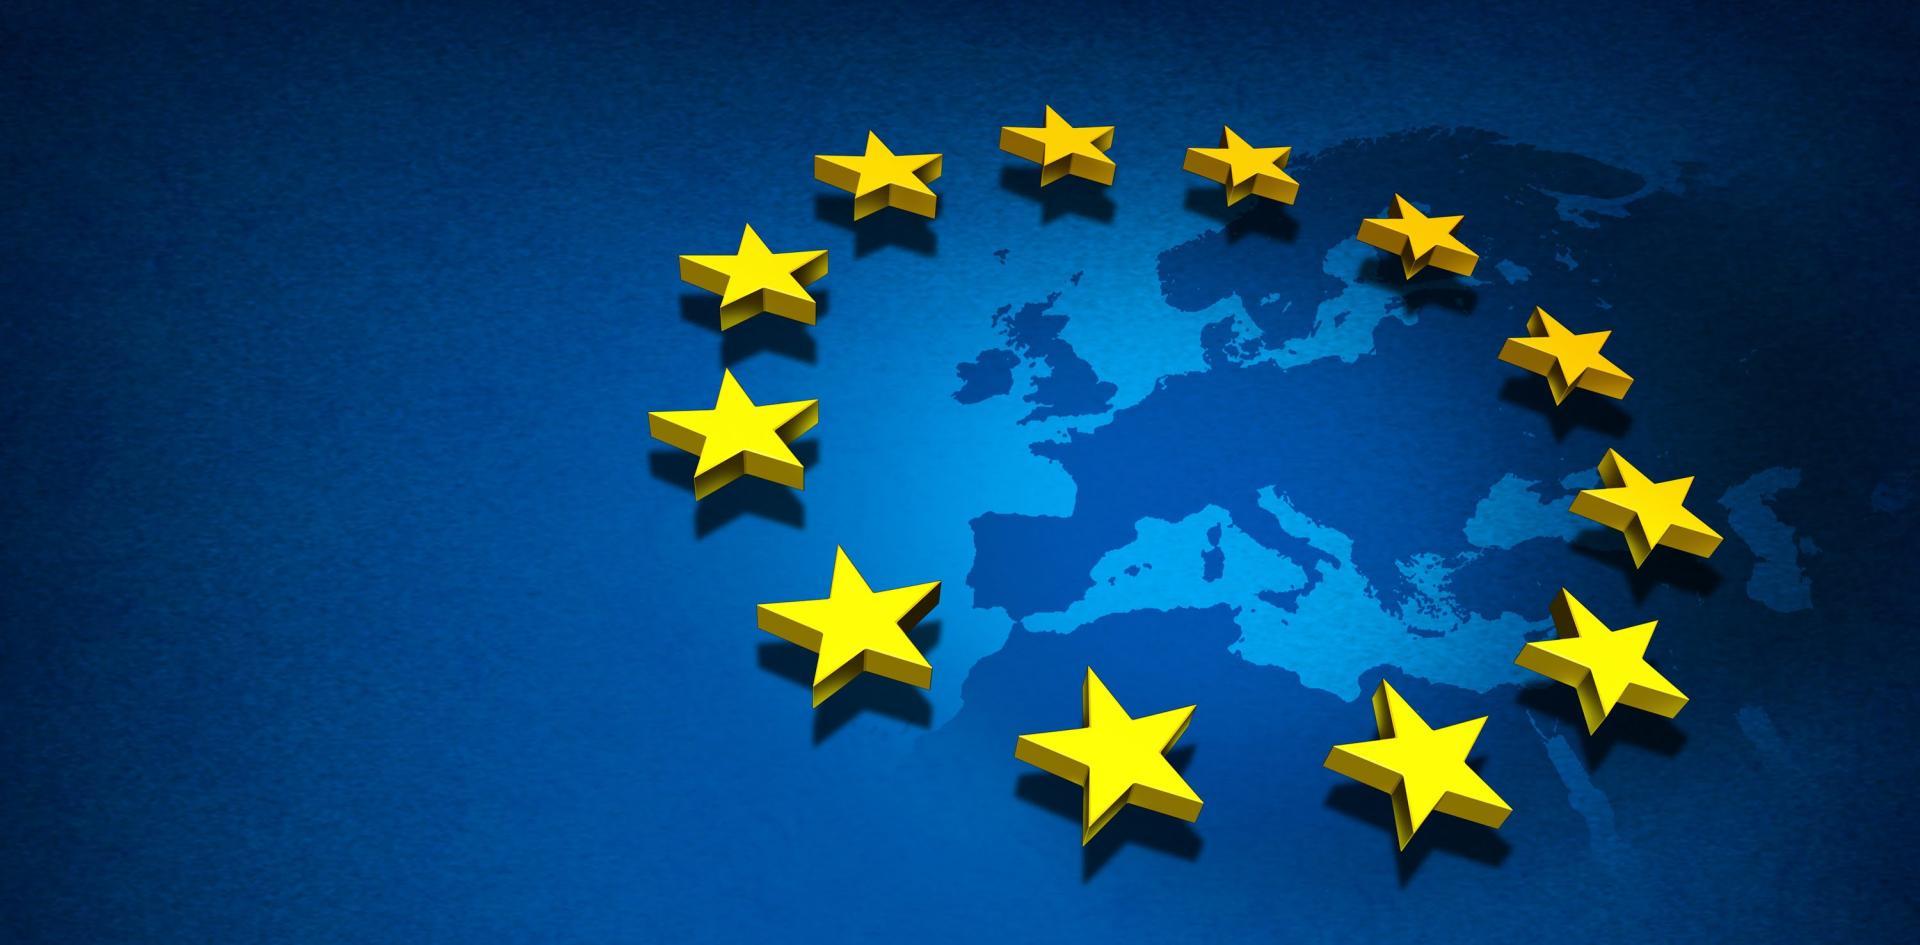 Антимонопольный орган Еврокомиссии одобрил миллиарды евро в виде госпомощи для производства электрических батарей